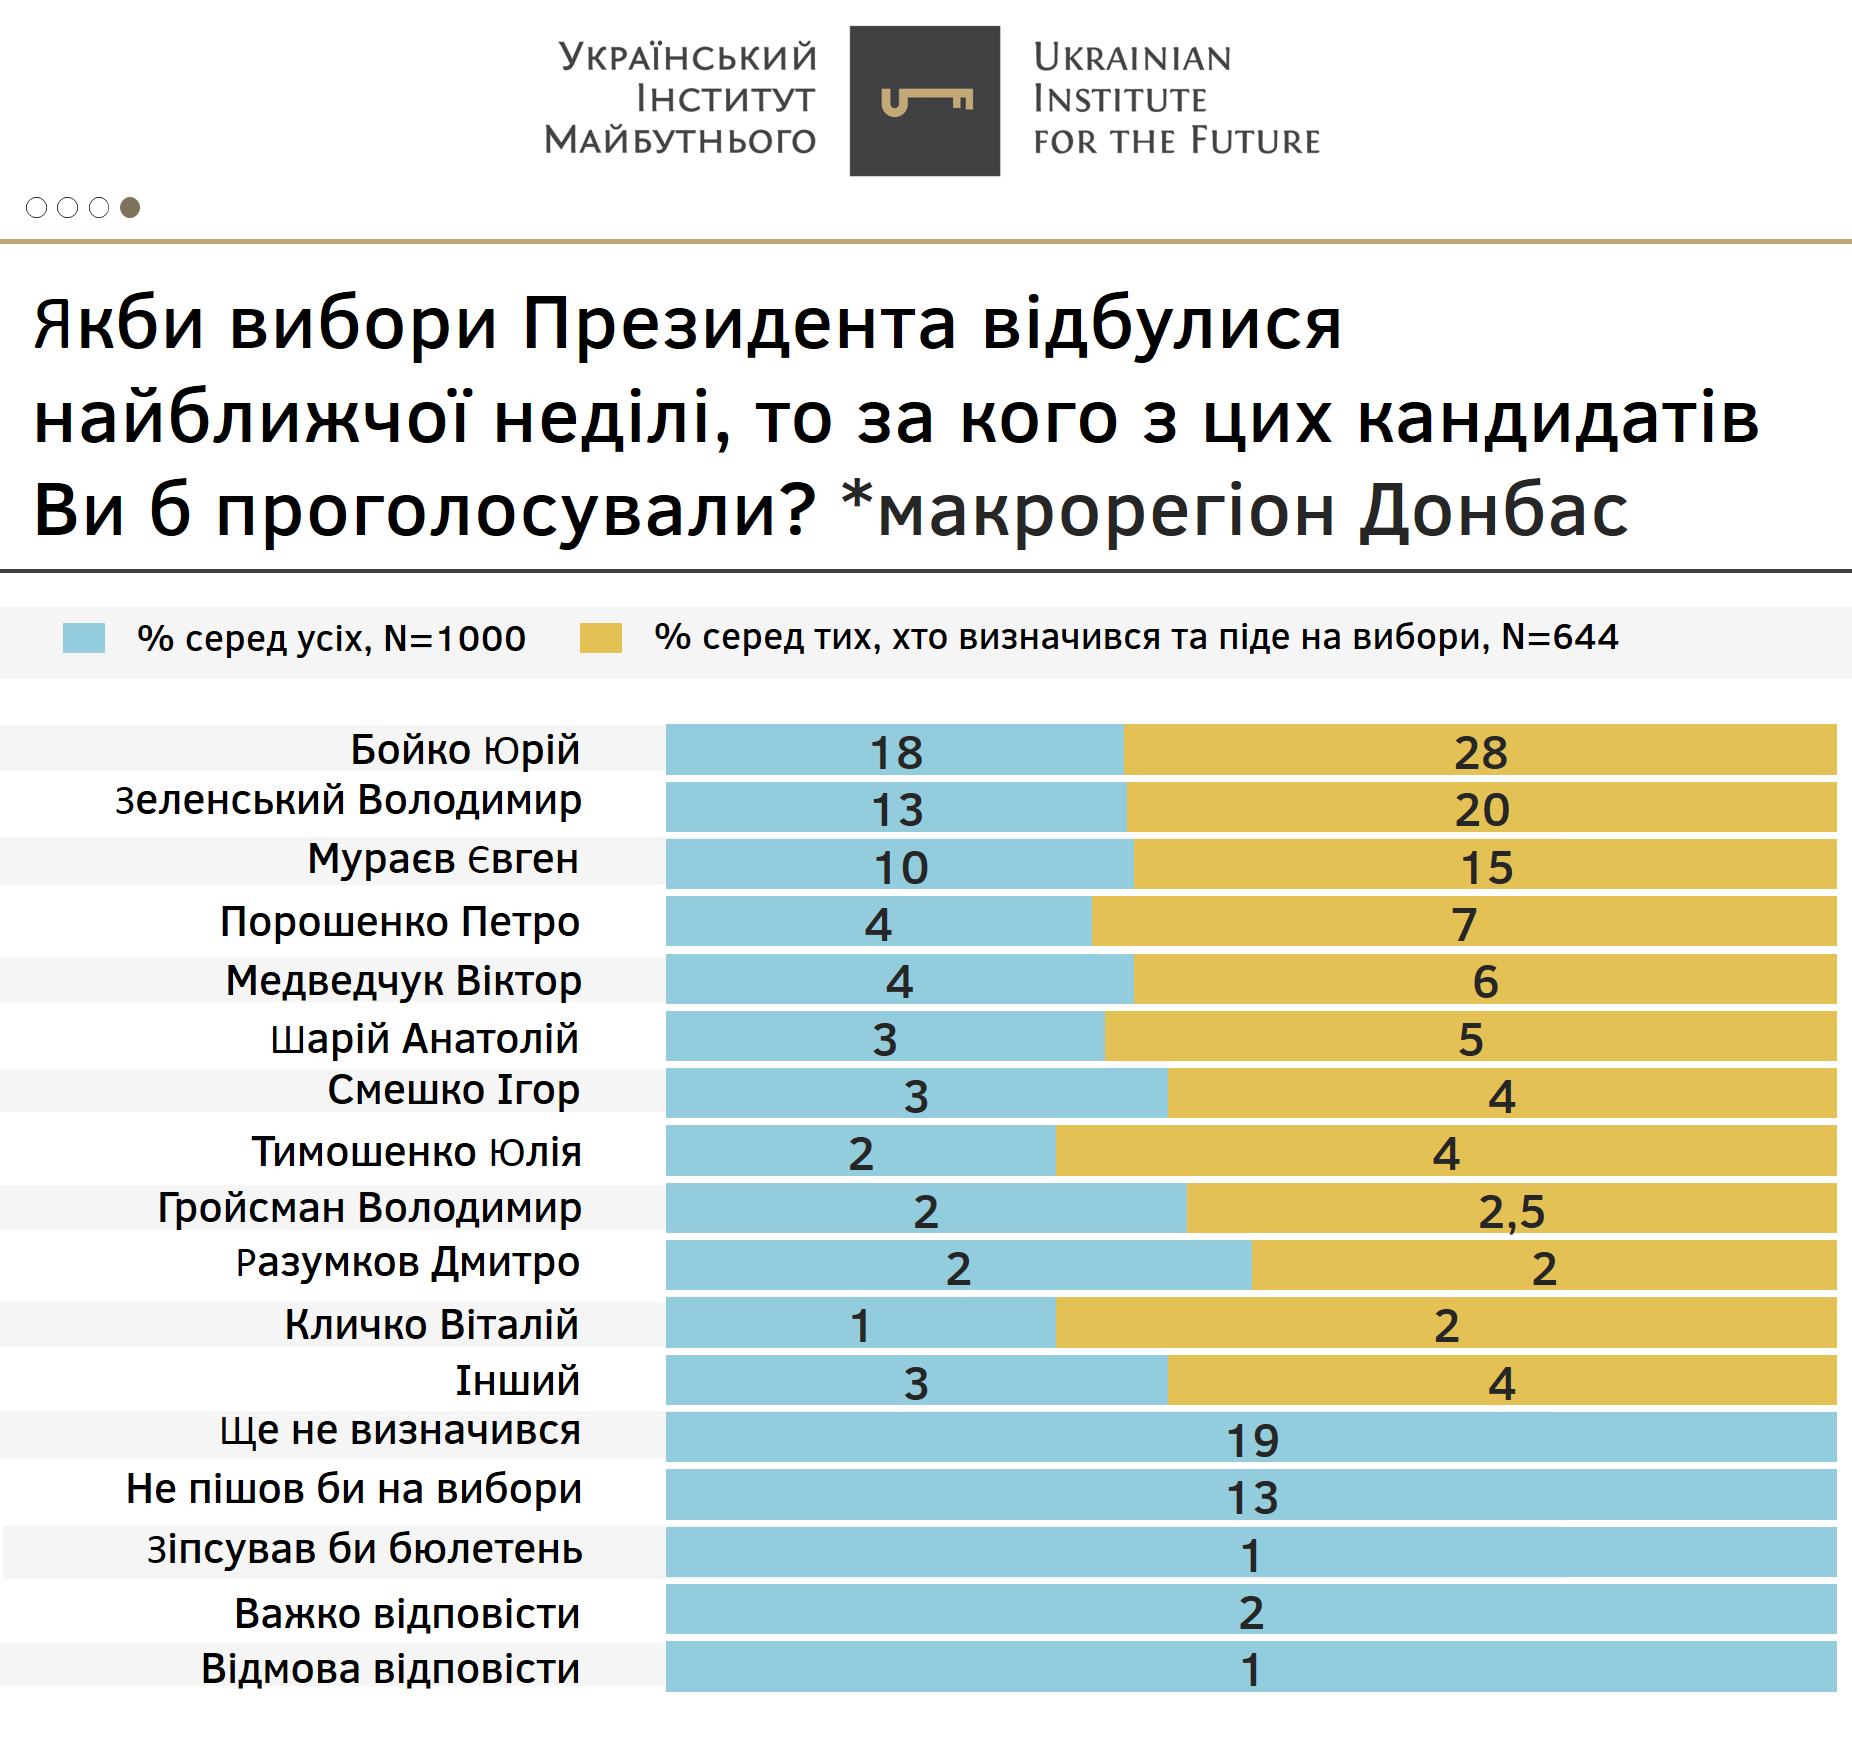 На Донбассе большую поддержку имеет Юрий Бойко